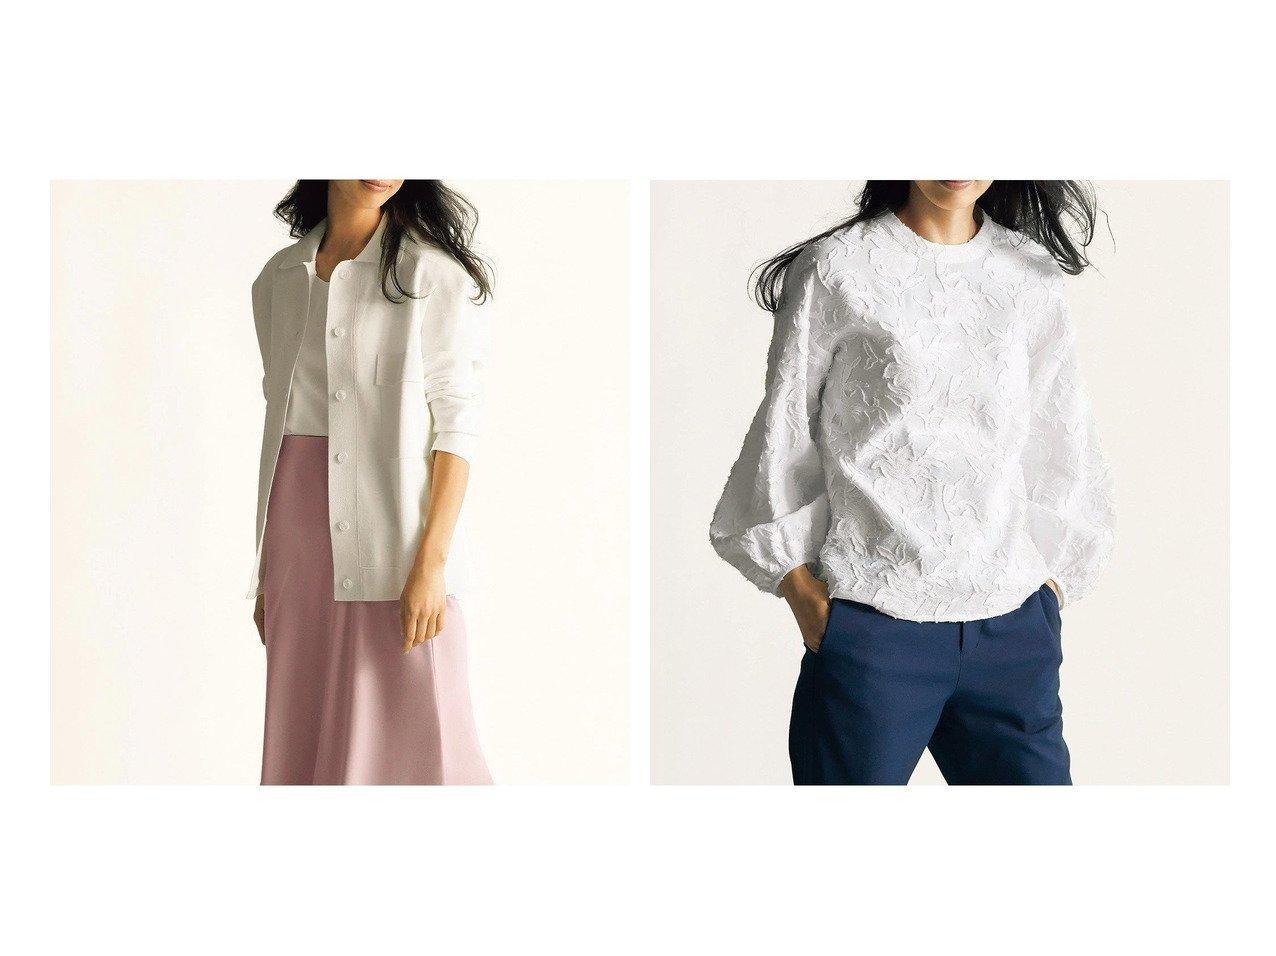 【DoCLASSE/ドゥクラッセ】のミラノリブ・CPOニットジャケット&カットジャカード・ボリューム袖ブラウス 40代、50代の女性におすすめ!人気トレンド・ファッションの通販 おすすめで人気の流行・トレンド、ファッションの通販商品 メンズファッション・キッズファッション・インテリア・家具・レディースファッション・服の通販 founy(ファニー) https://founy.com/ ファッション Fashion レディースファッション WOMEN アウター Coat Outerwear ジャケット Jackets トップス・カットソー Tops/Tshirt シャツ/ブラウス Shirts/Blouses なめらか ジャケット トレンド ミラノ ミラノリブ 人気 秋 Autumn/Fall エレガント ジャカード スリーブ |ID:crp329100000028114